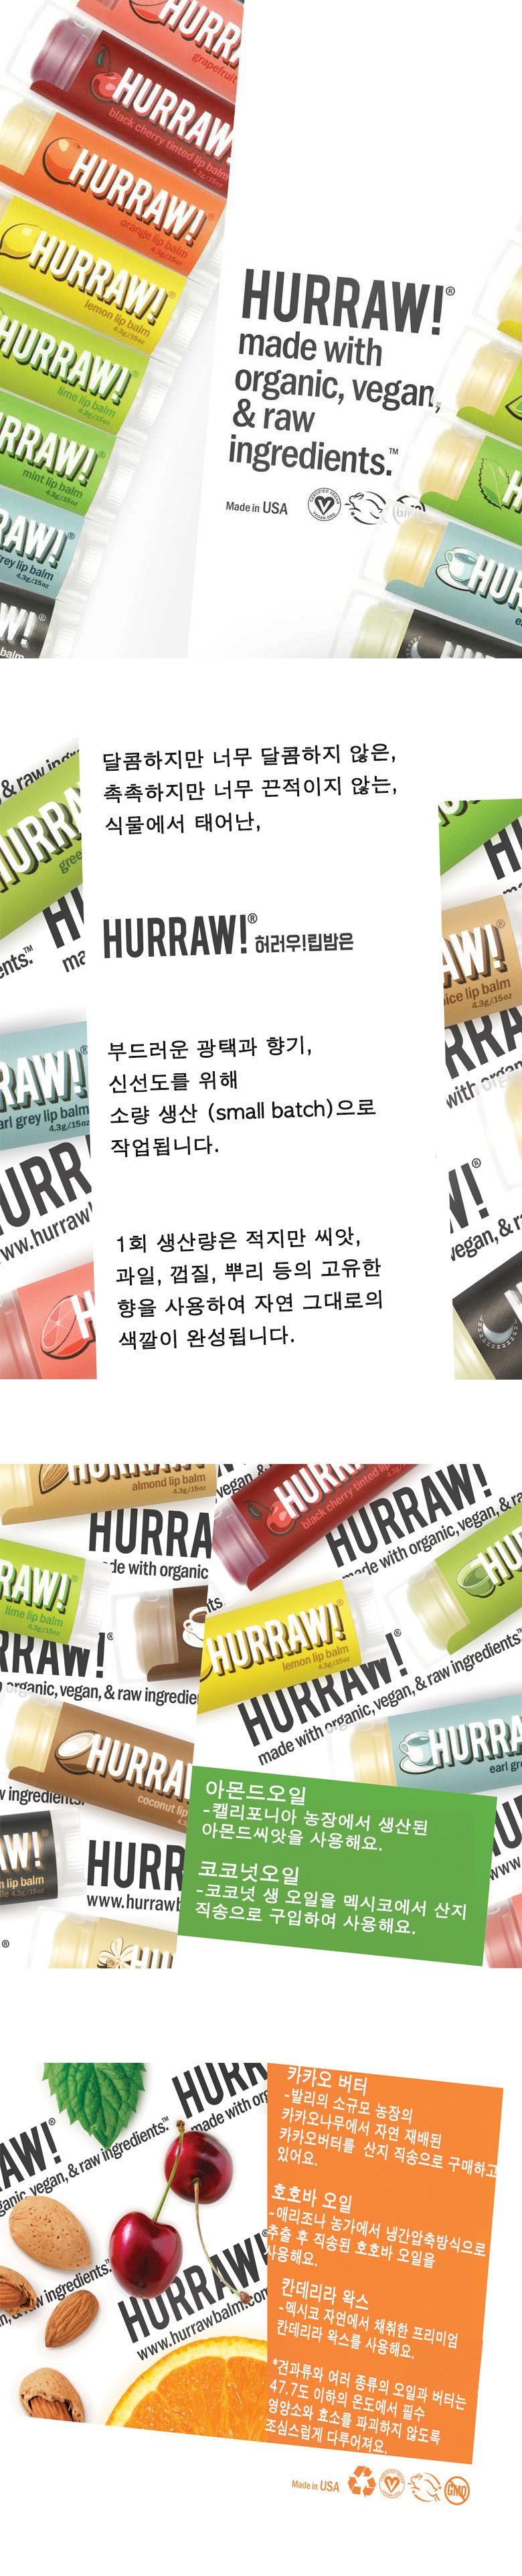 에키움 라즈베리 립밤 - 허로우 립밤, 7,900원, 립메이크업, 립밤/립케어